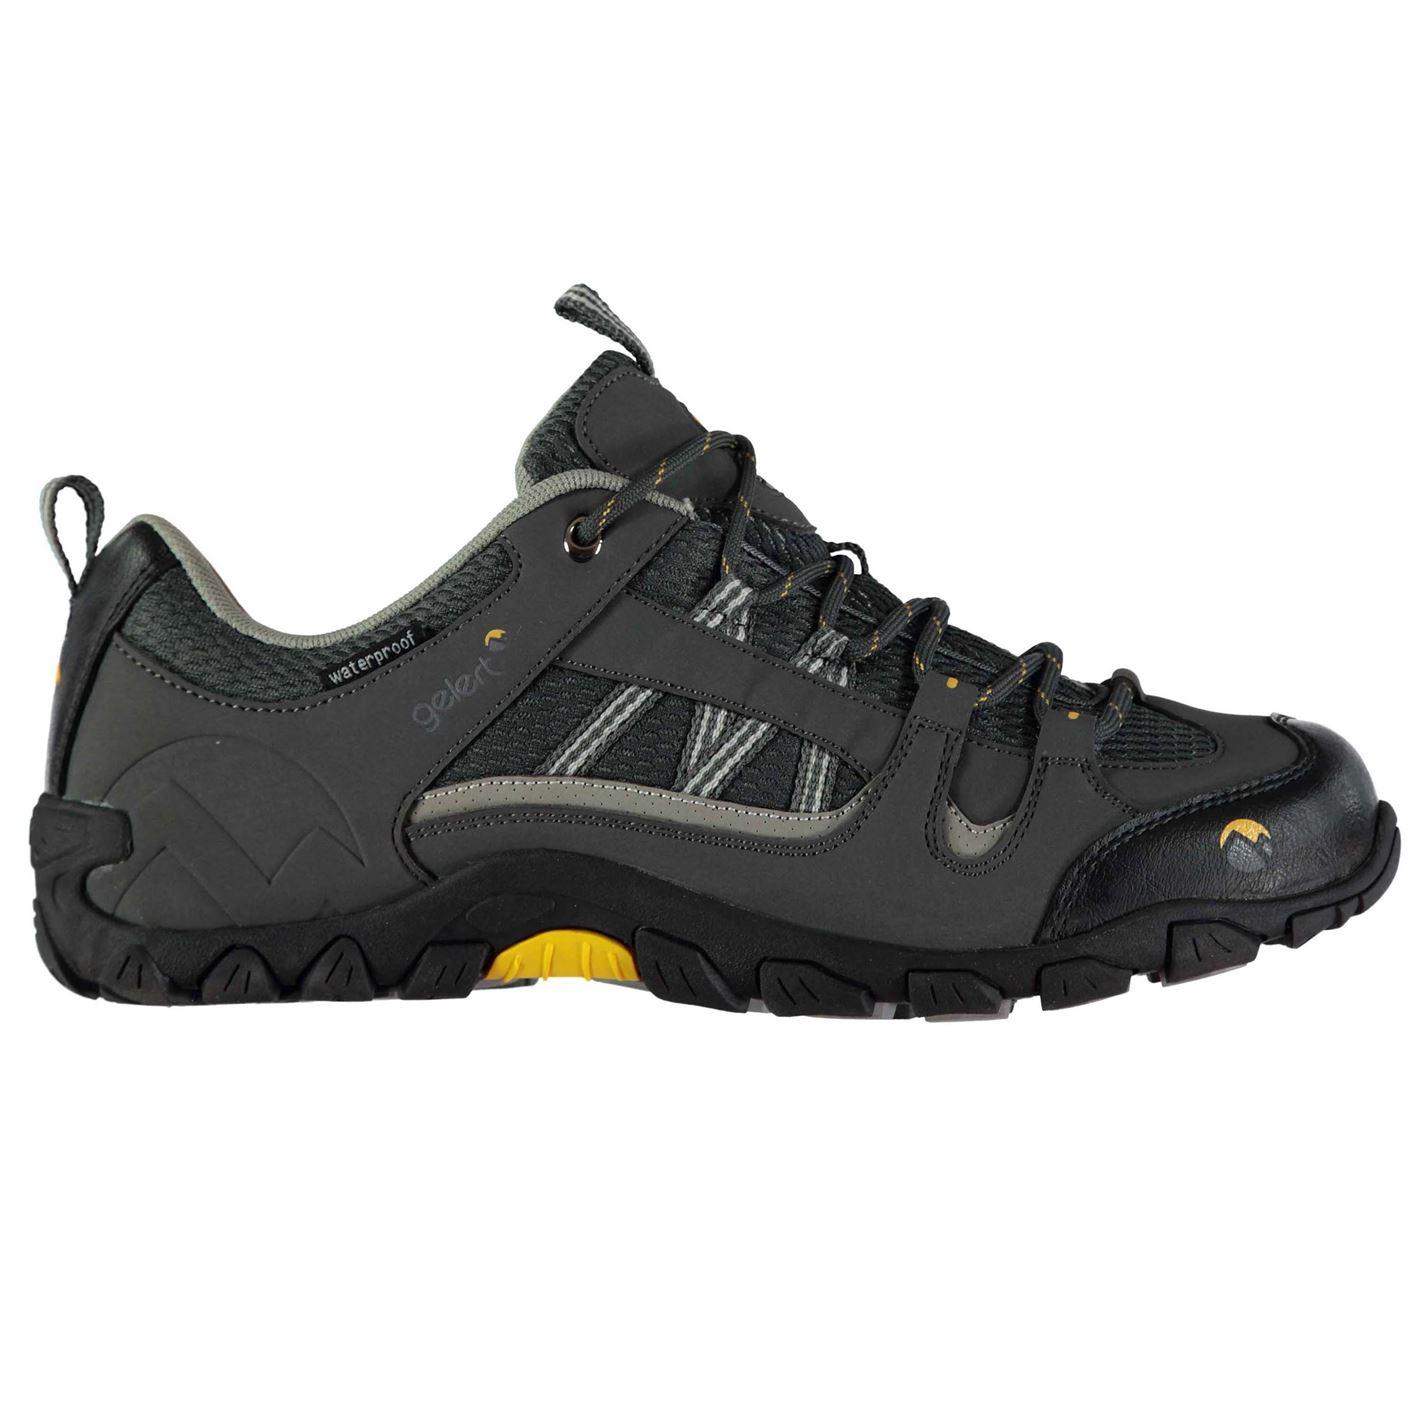 Gelert Rocky pánske vychádzkové topánky